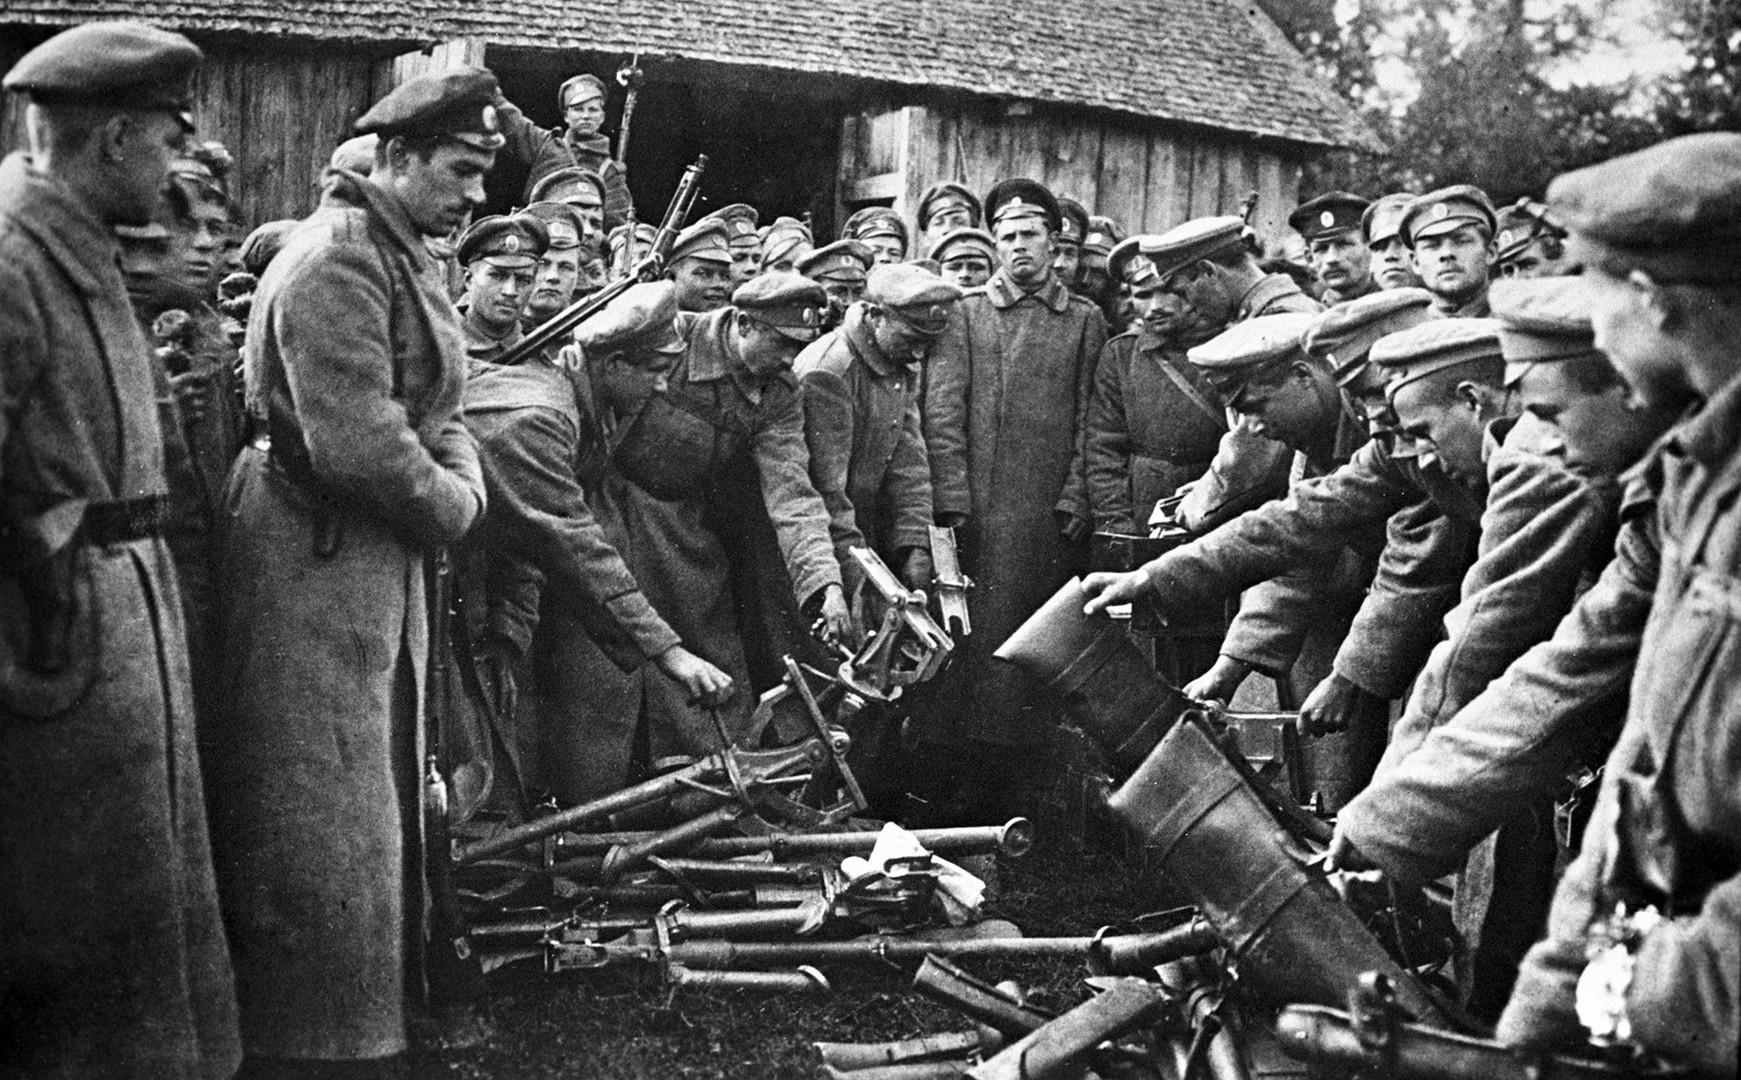 Војници армије генерала Корнилова предају оружје.